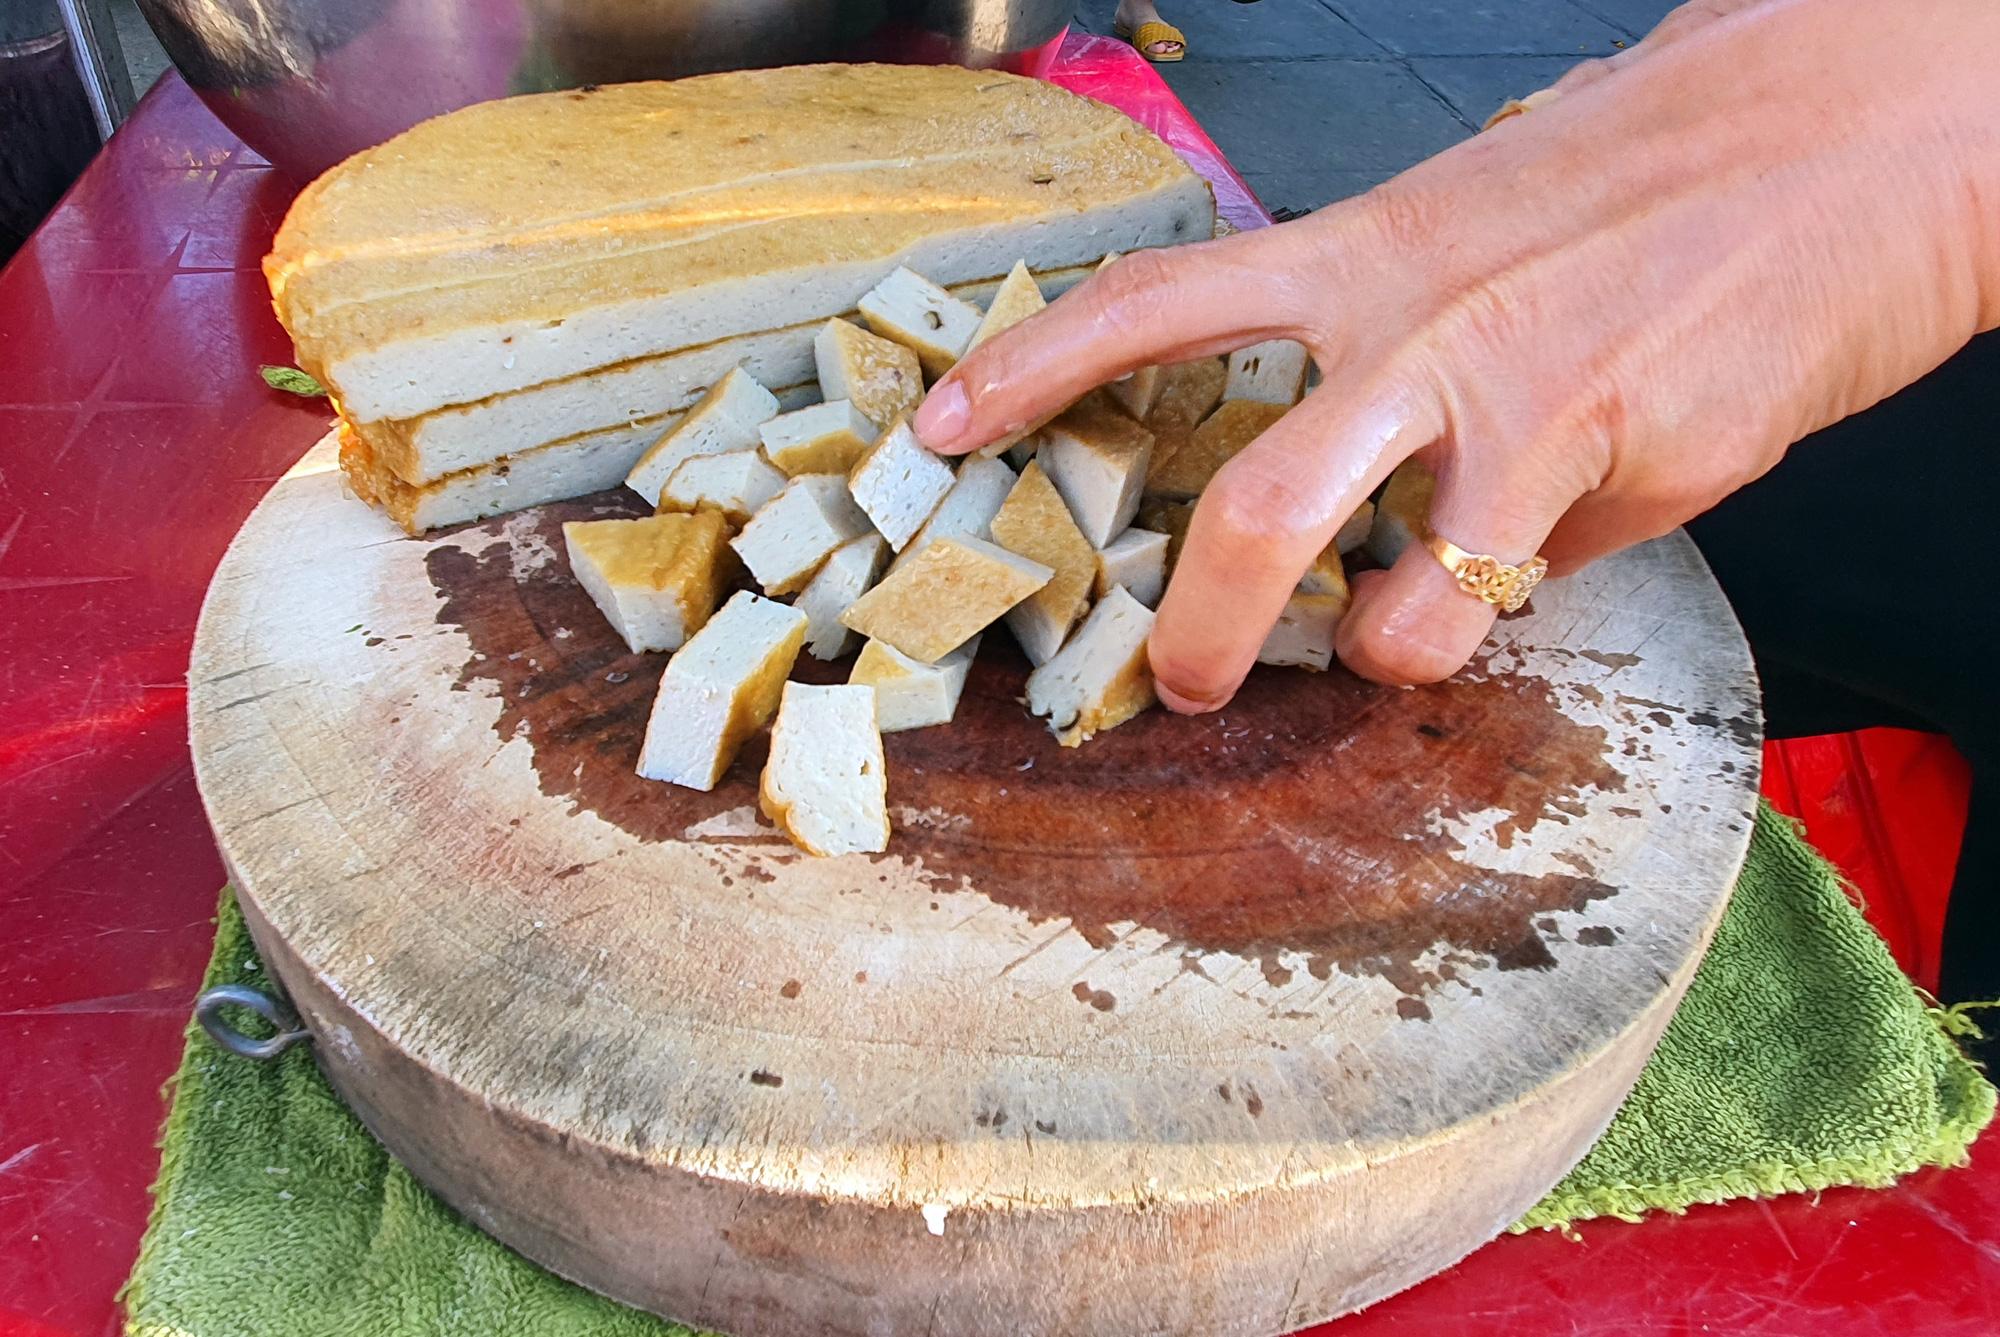 Món bánh canh ngon trứ danh ở Phú Yên, thực khách vừa ăn vừa xuýt xoa - Ảnh 4.